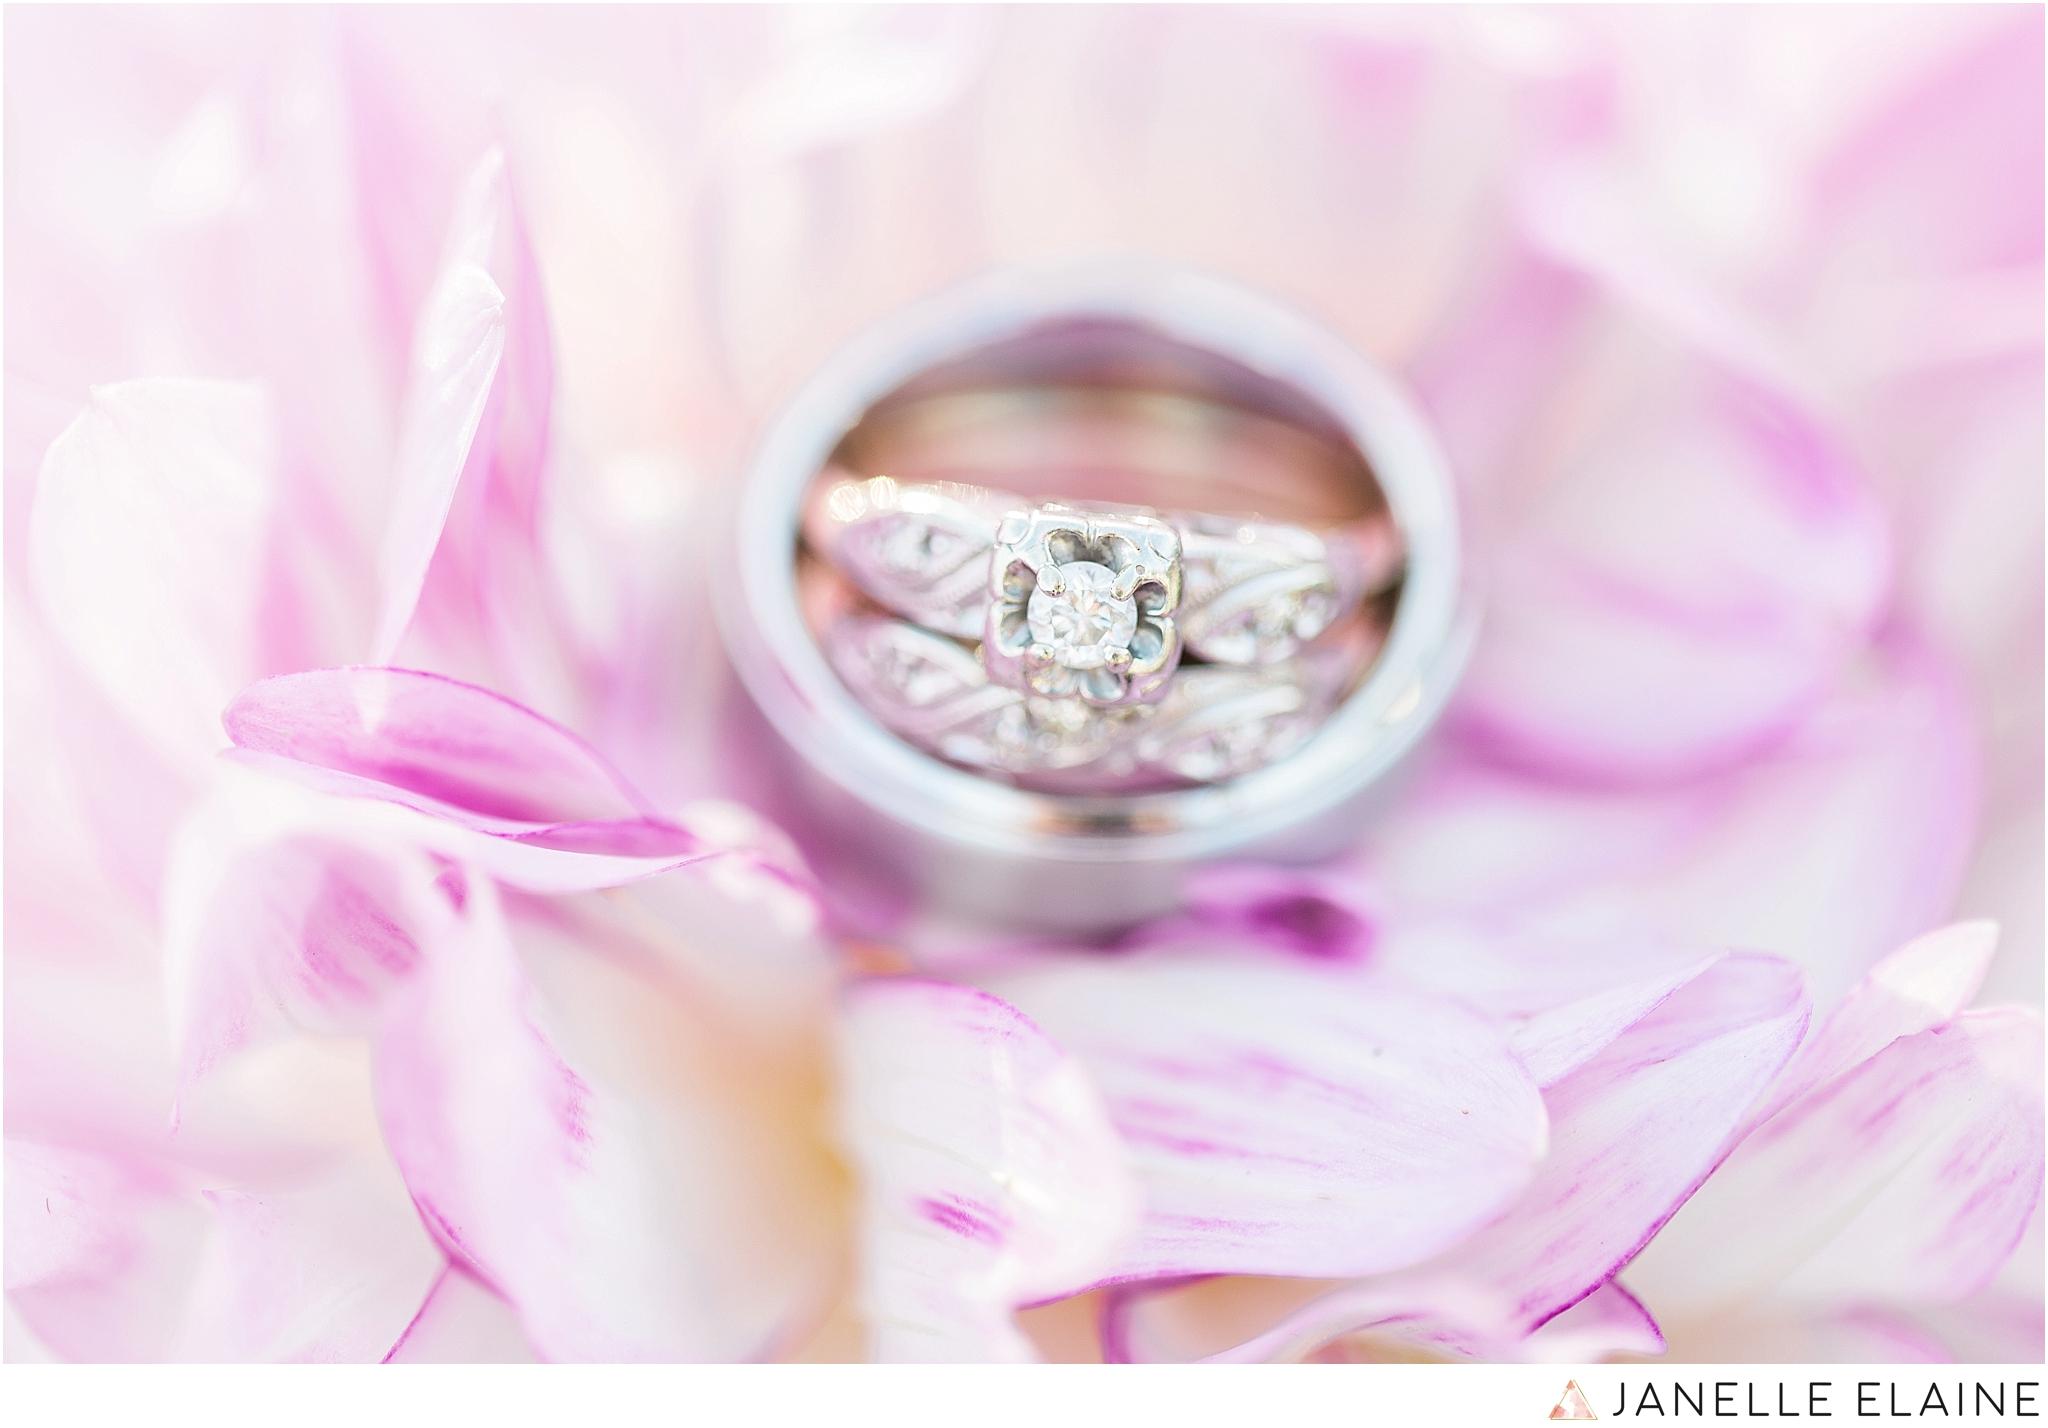 seattle-portrait-engagement-wedding-photographer-janelle-elaine-photography-72.jpg